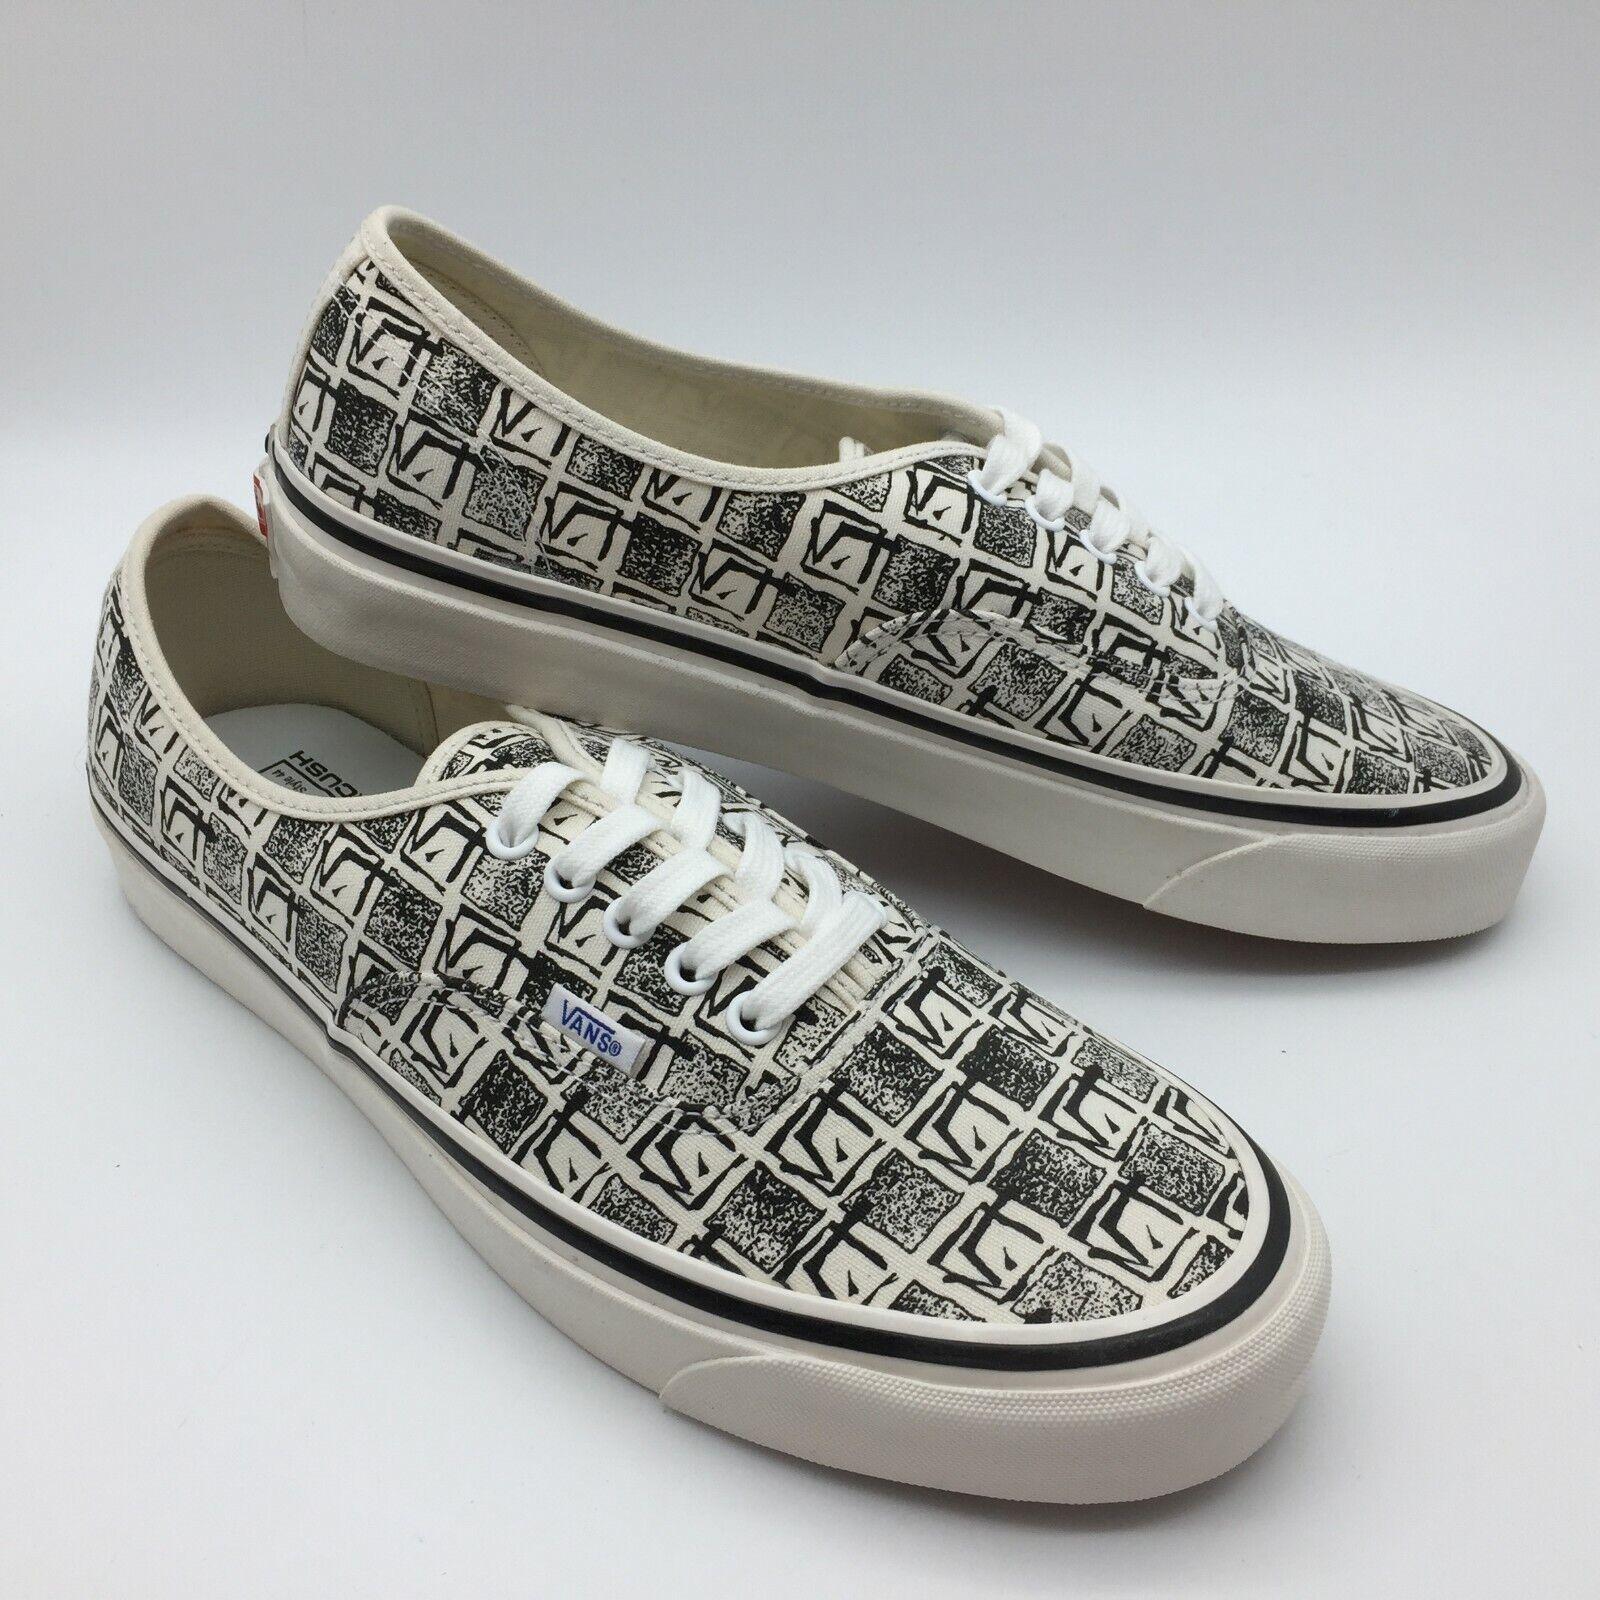 Vans Herren   Damen Schuhe Authentische 44 Dx (Anaheim Fabrik) Og Weiß